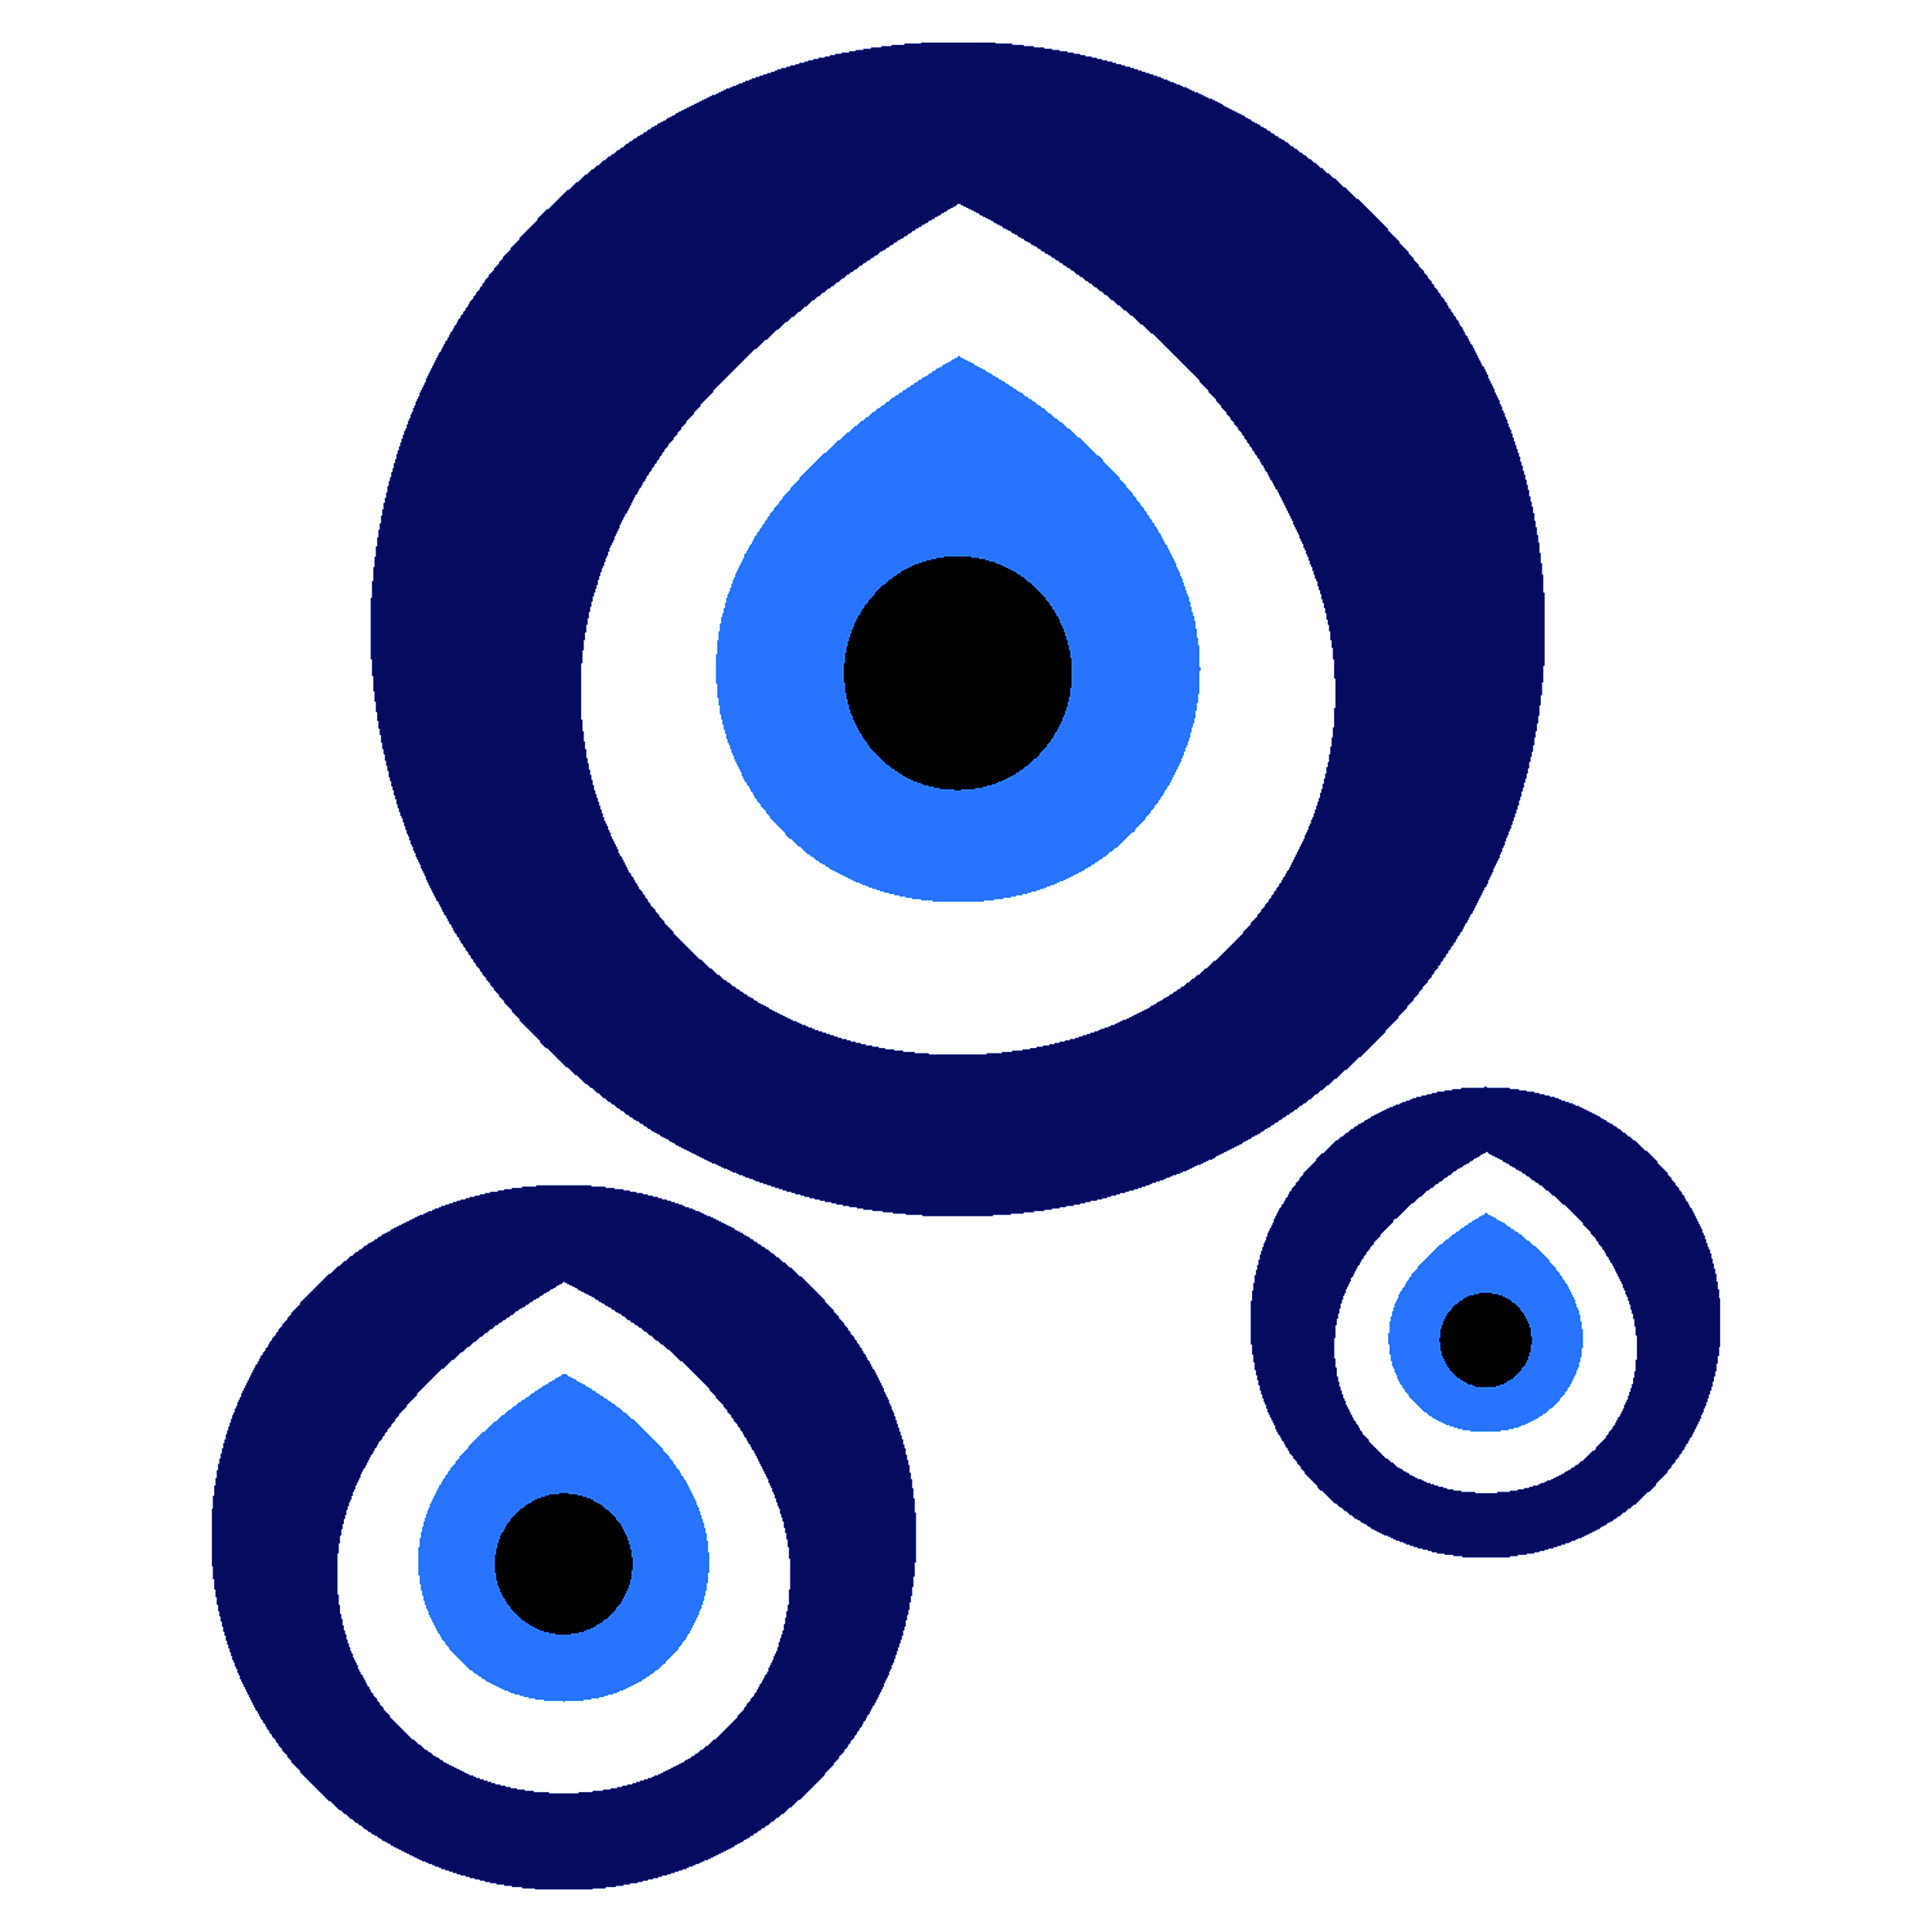 استیکر فراگراف FG طرح چشم زخم کد 1332 مجموعه 3 عددی